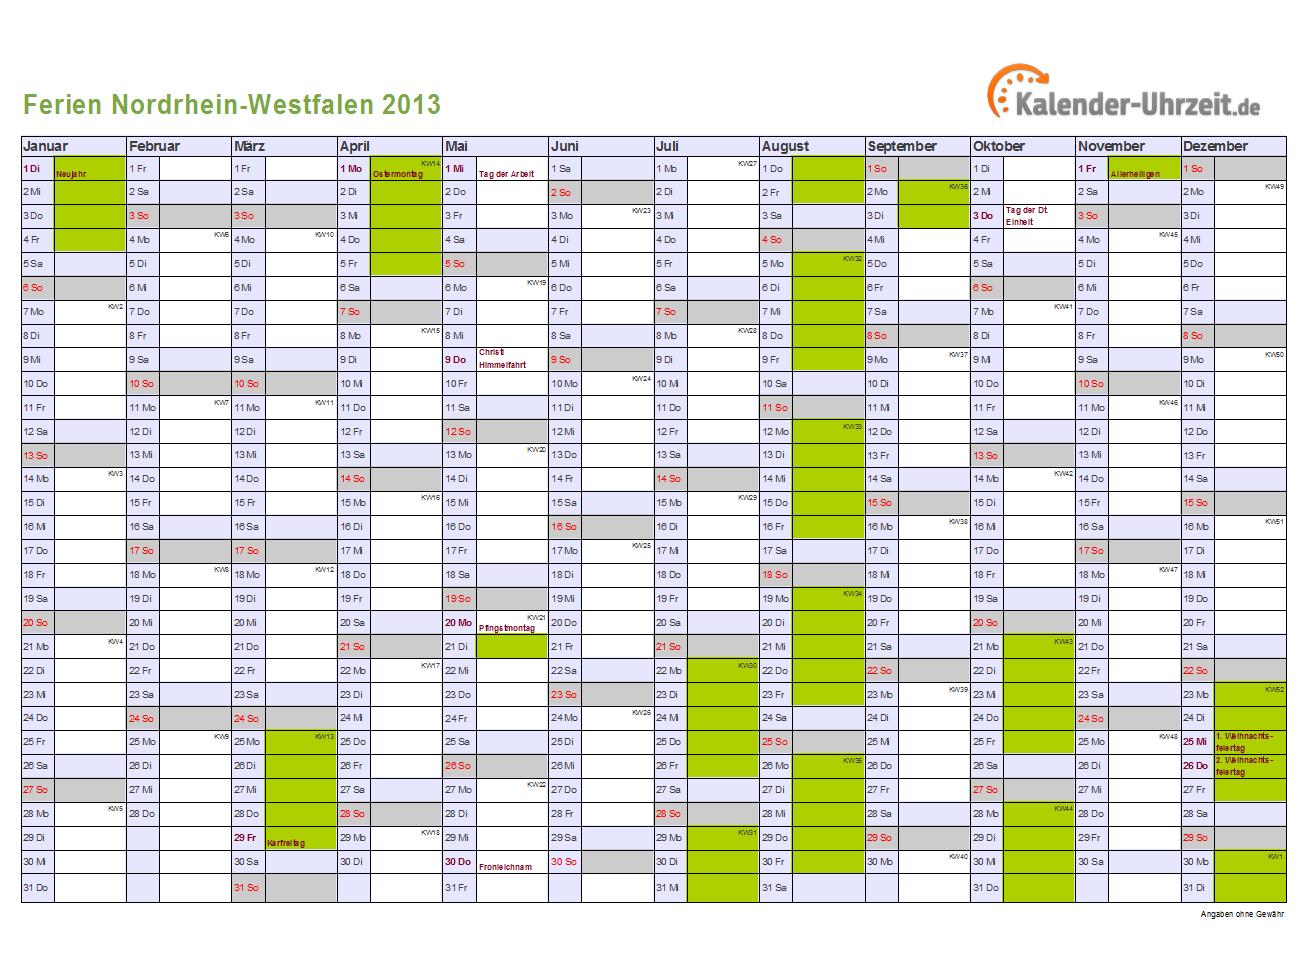 Ferienkalender 2013 NRW (Nordrhein-Westfalen) mit Feiertagen zum ...